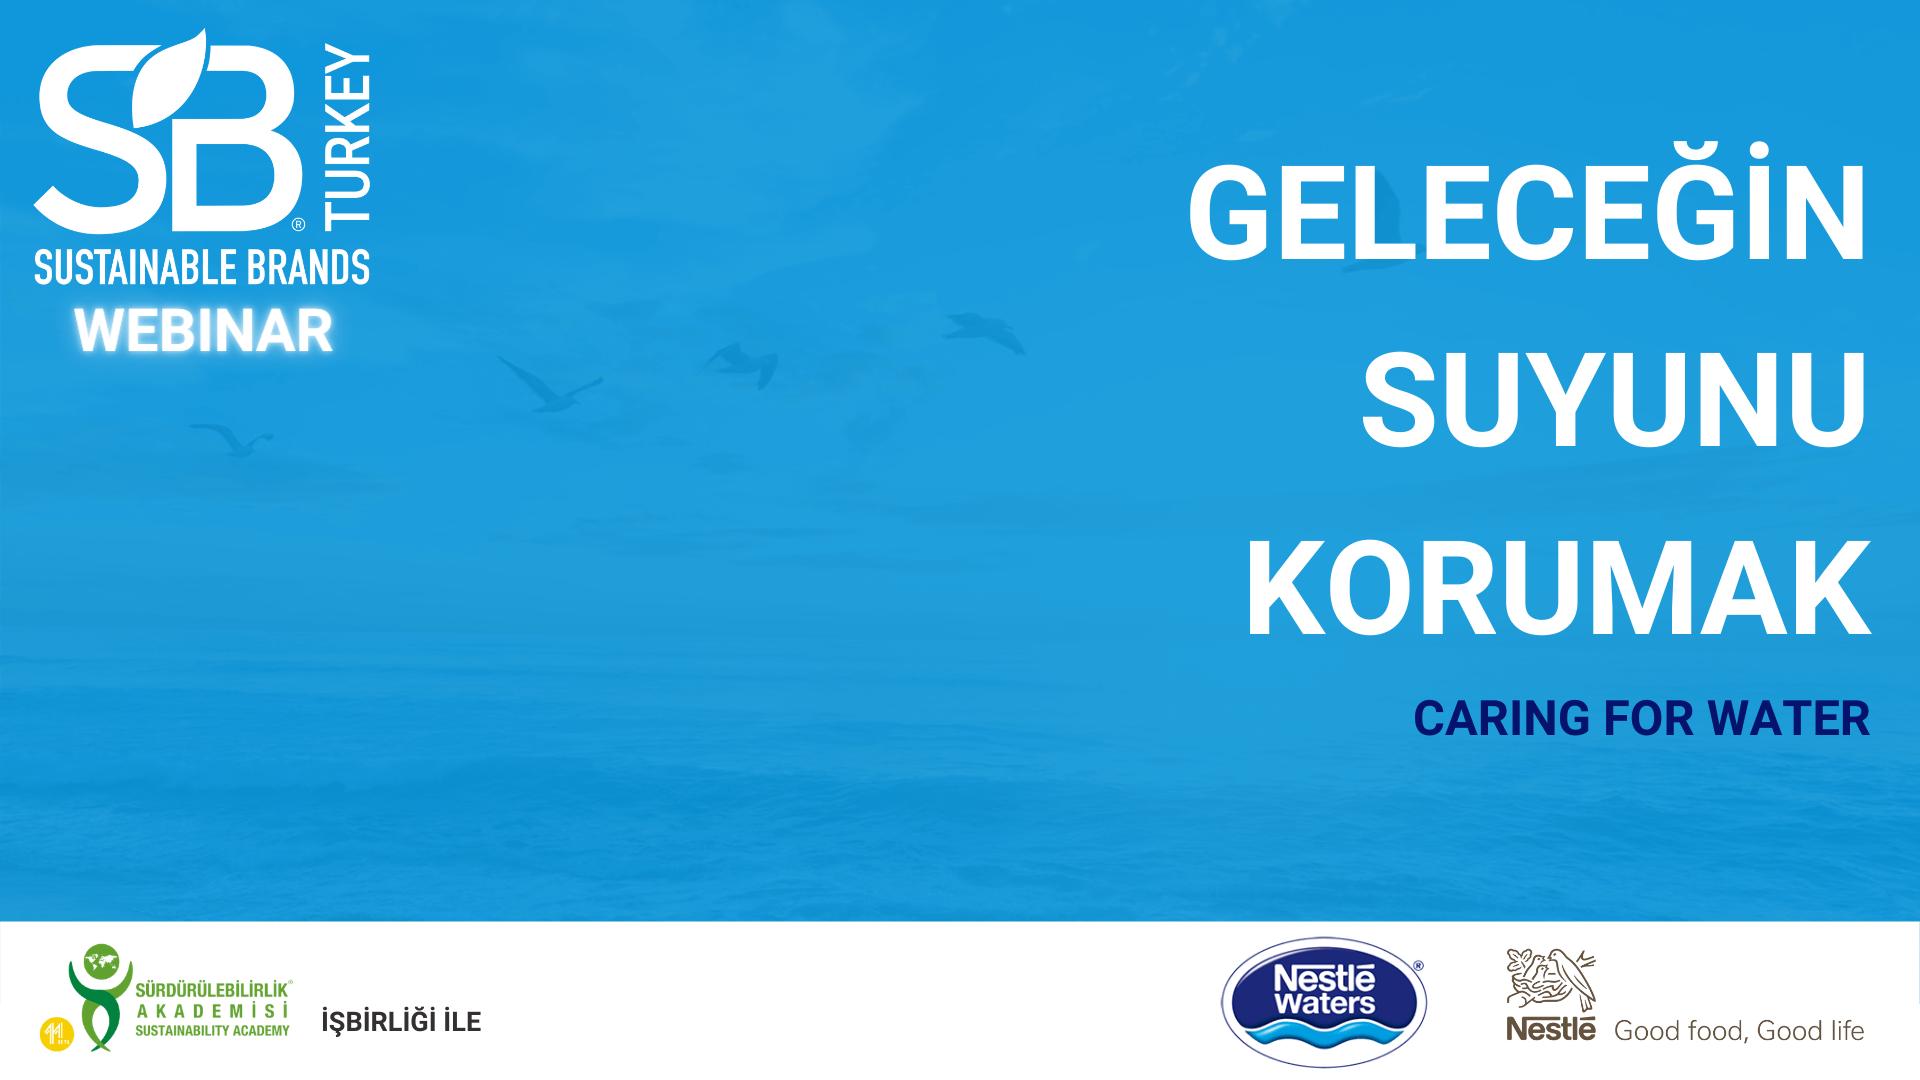 Geleceğin Suyunu Korumak Nestle Waters SB Turkey Webinar